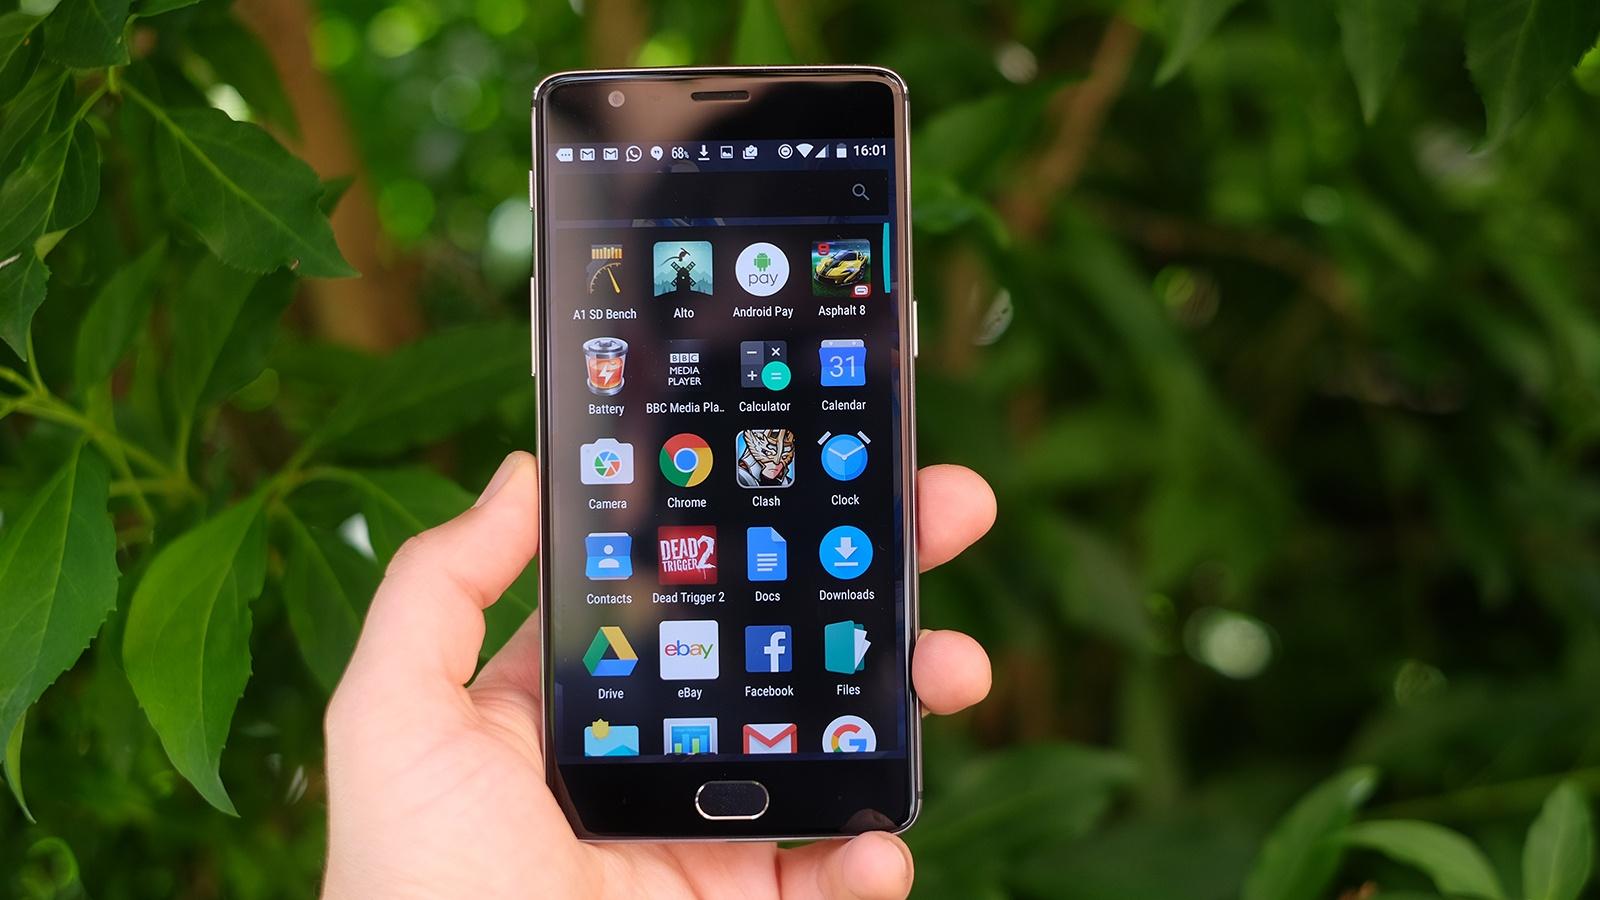 OnePlus 31